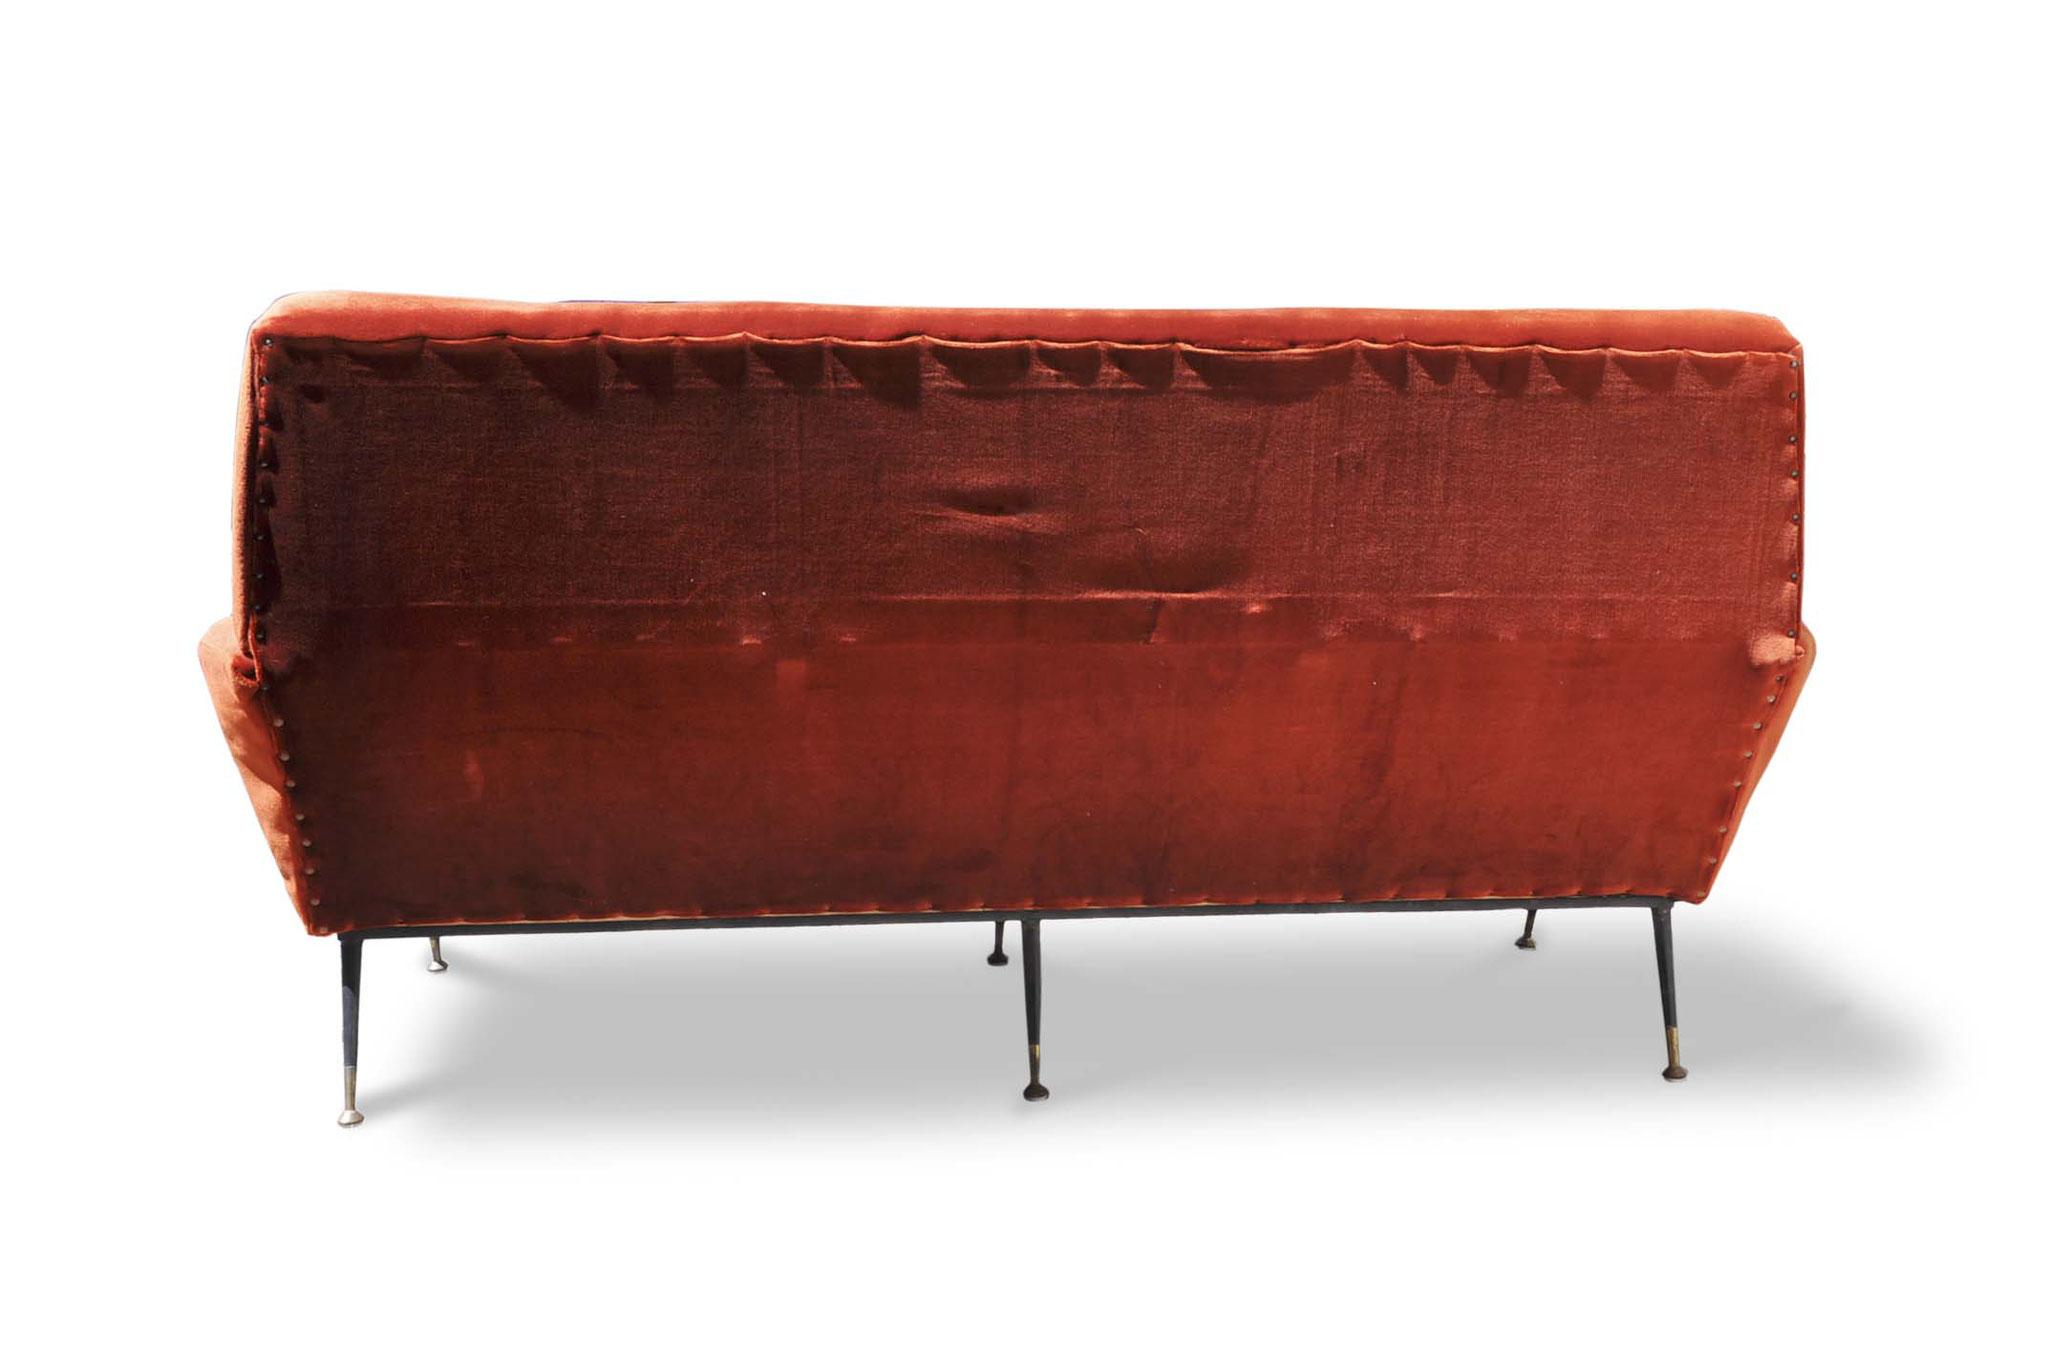 divano vintage anni 50 tra gio ponti e zanuso